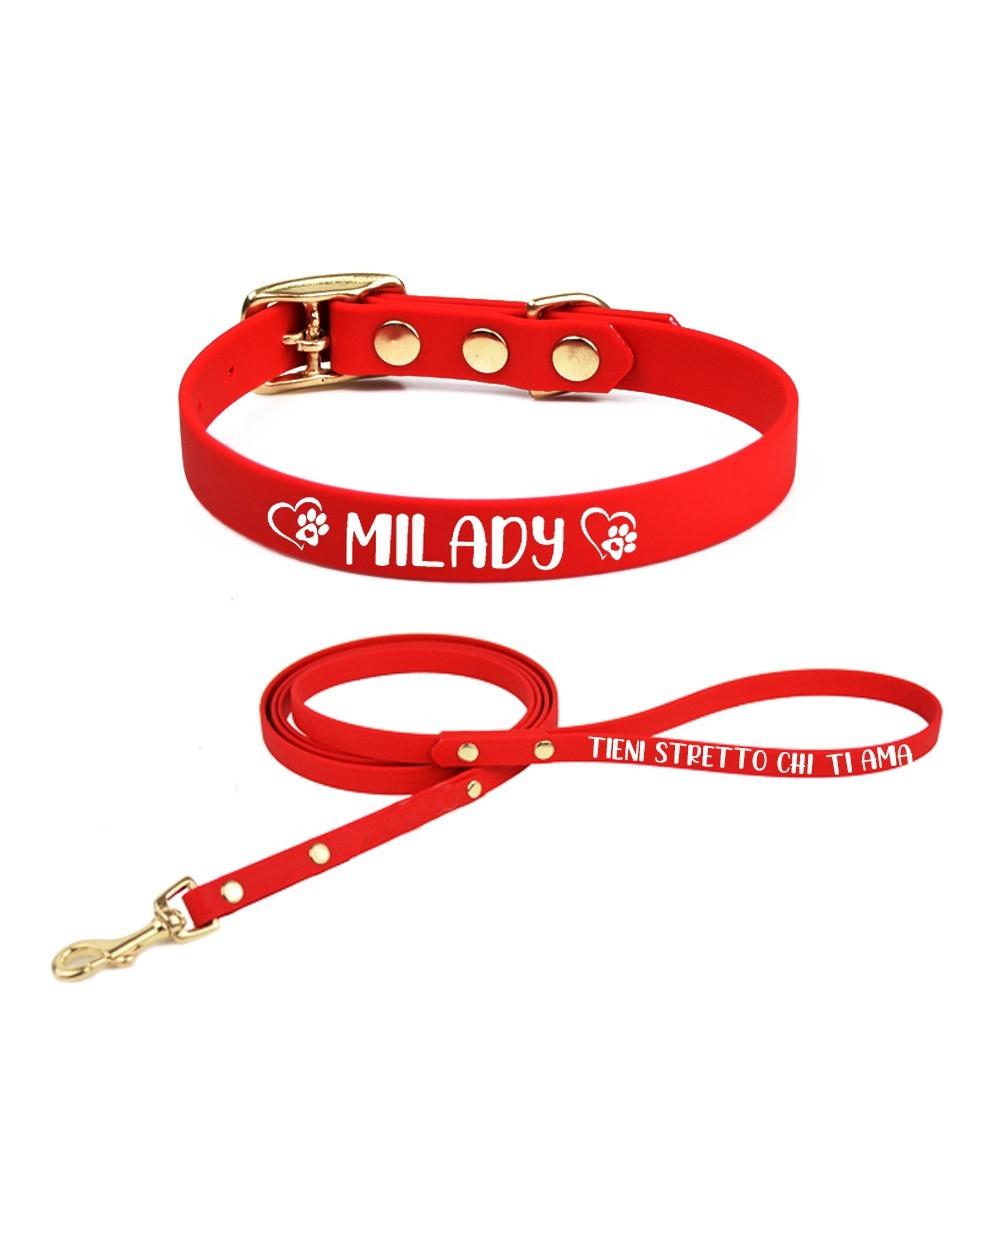 Collare e guinzaglio personalizzati Redheart